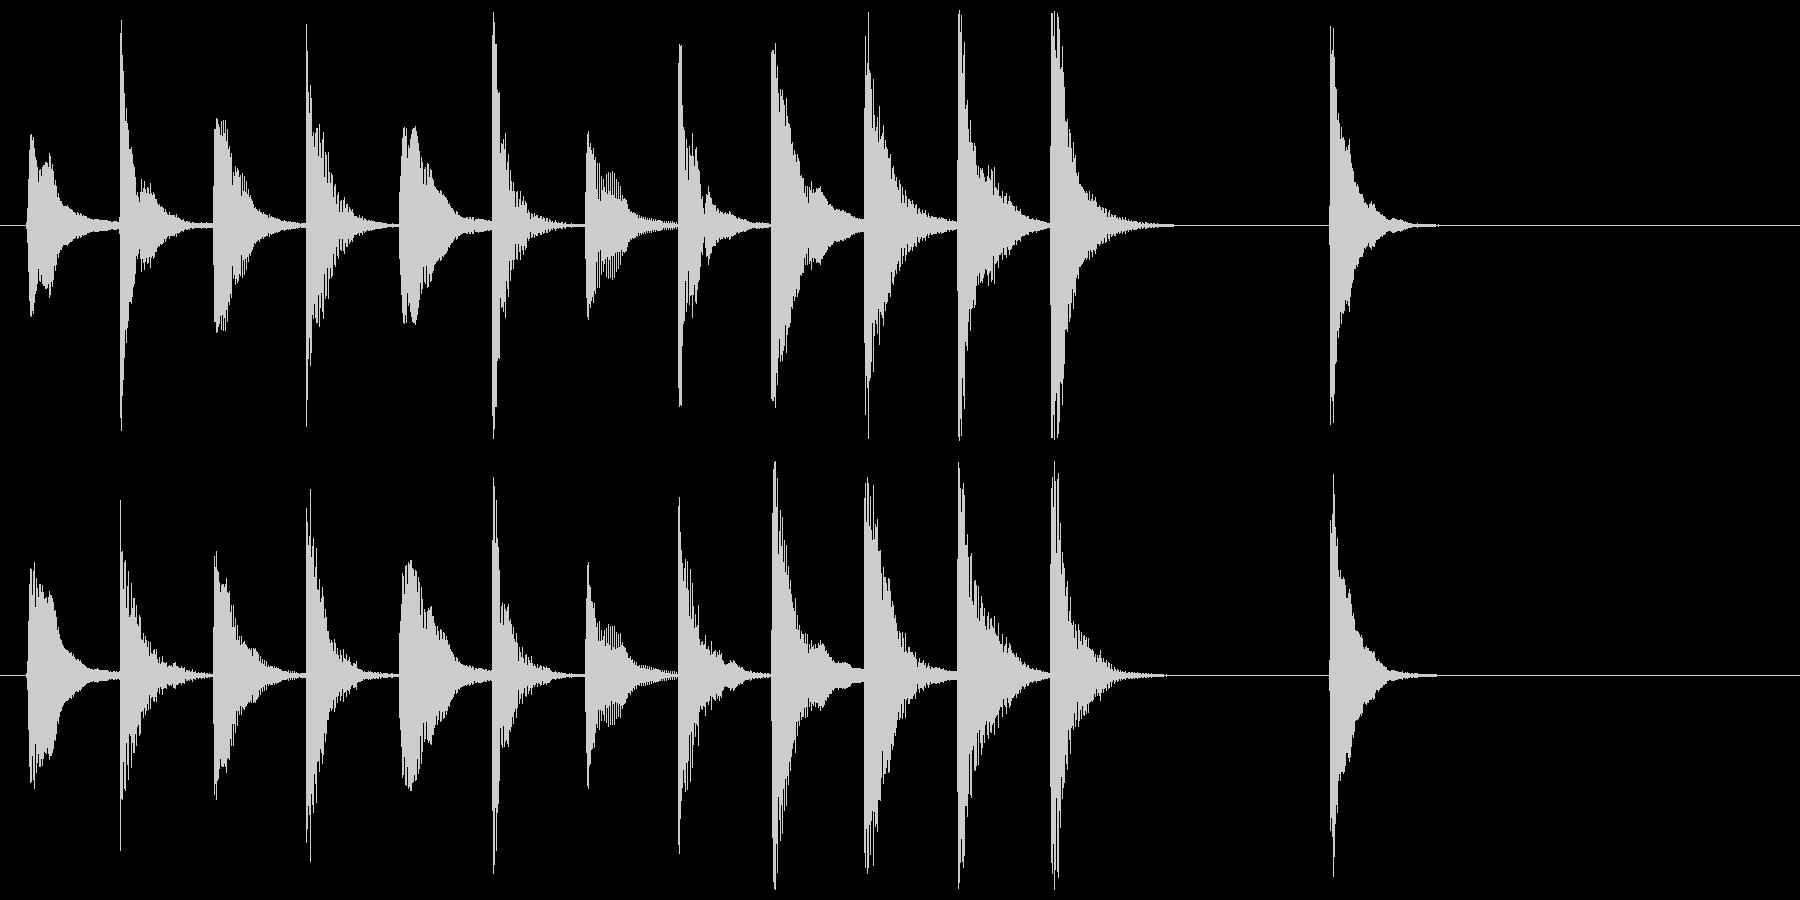 弦楽四重奏のピチカートのかわいいジングルの未再生の波形